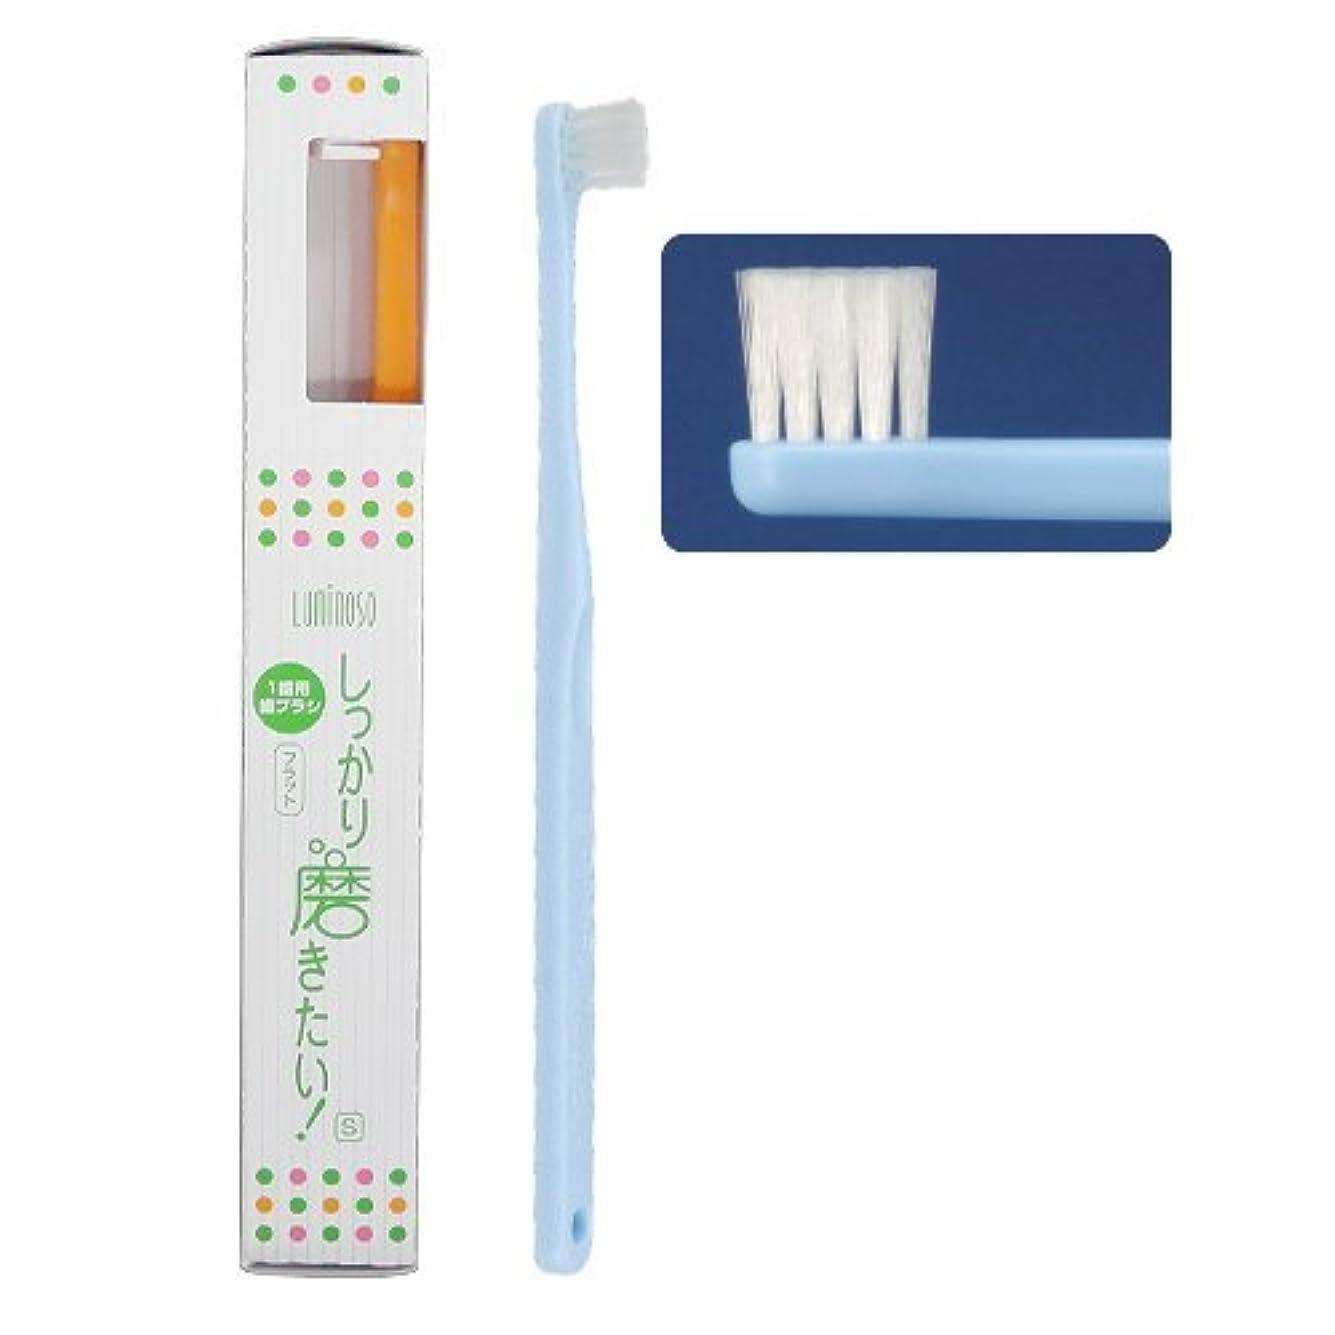 投獄巨大なメッセンジャールミノソ 1歯用歯ブラシ 「しっかり磨きたい!」 フラット ソフト (カラー指定不可) 10本